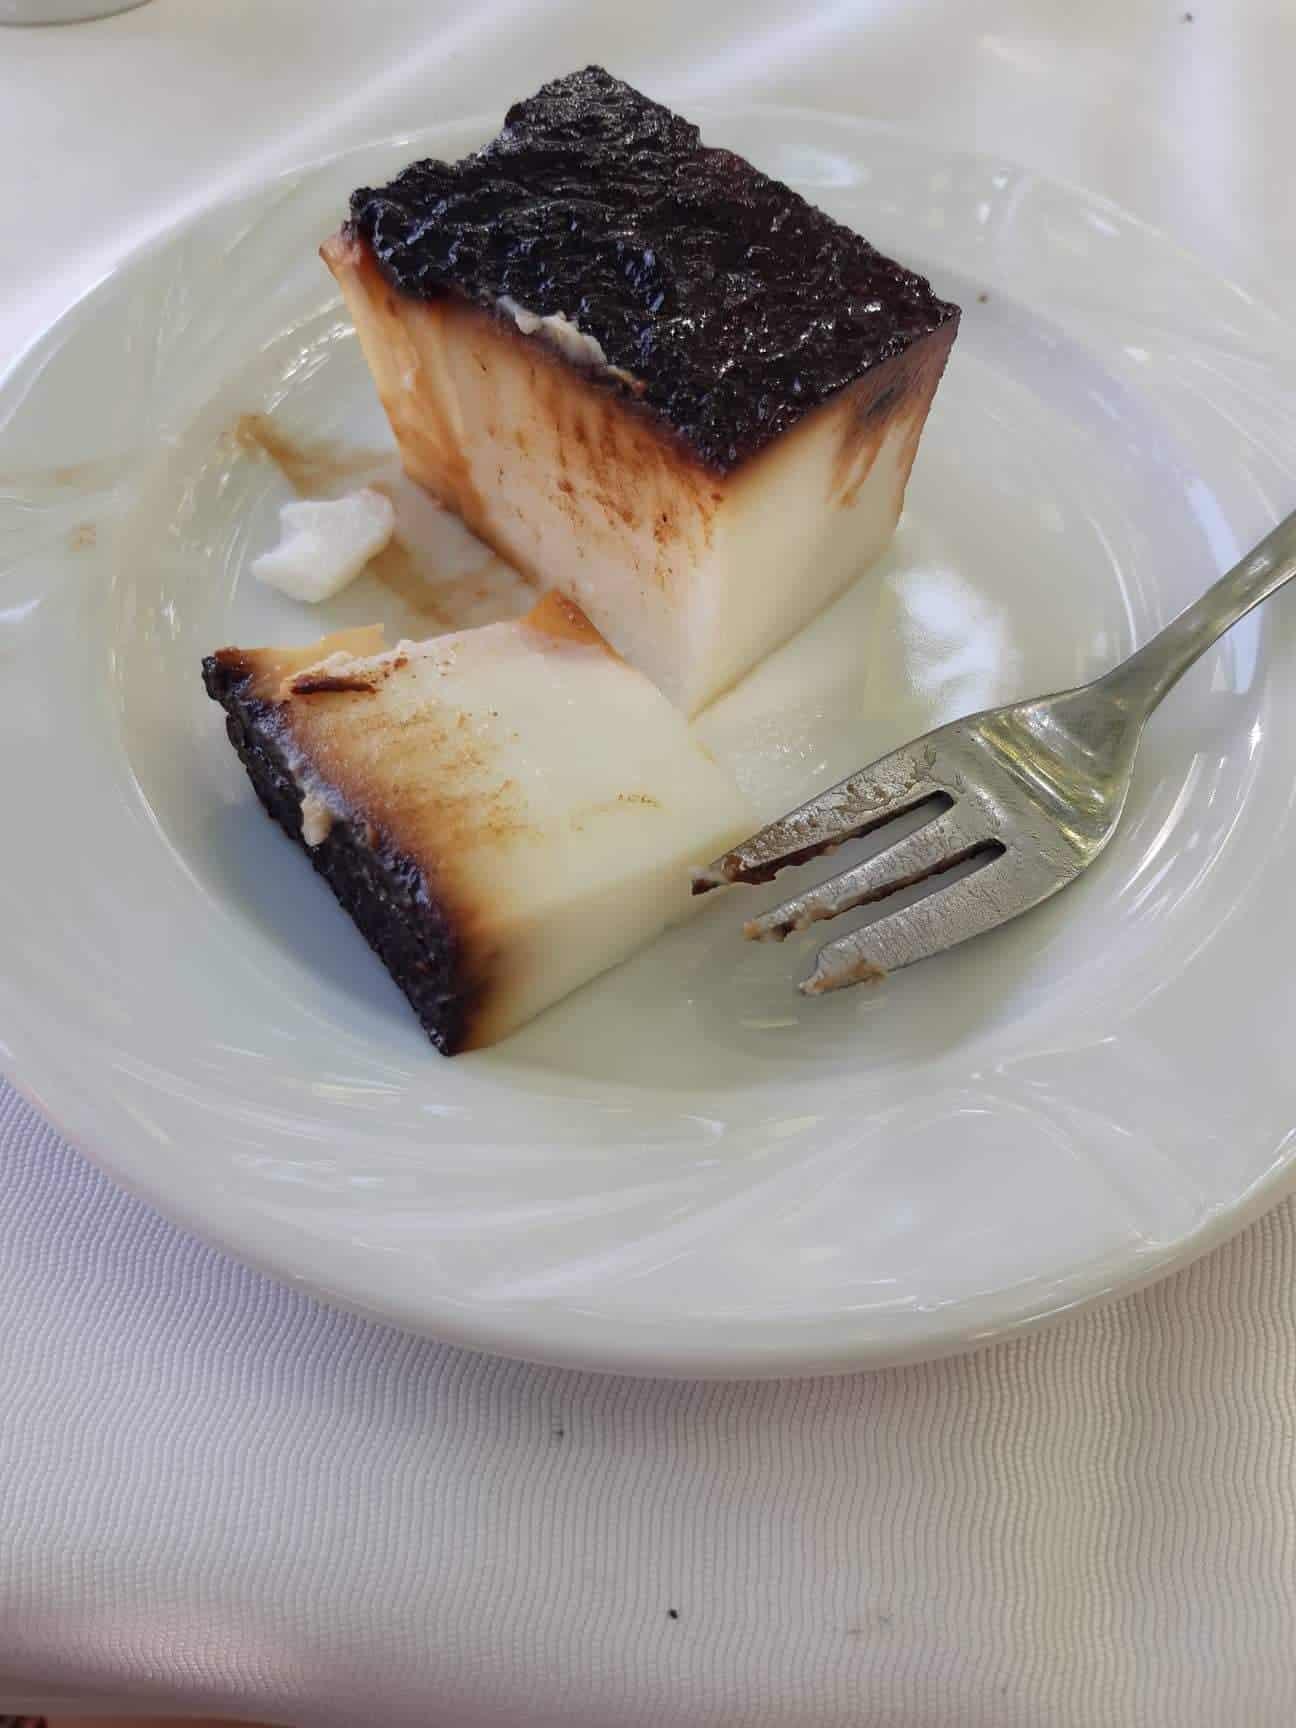 Turkish cuisine: Kazan dibi